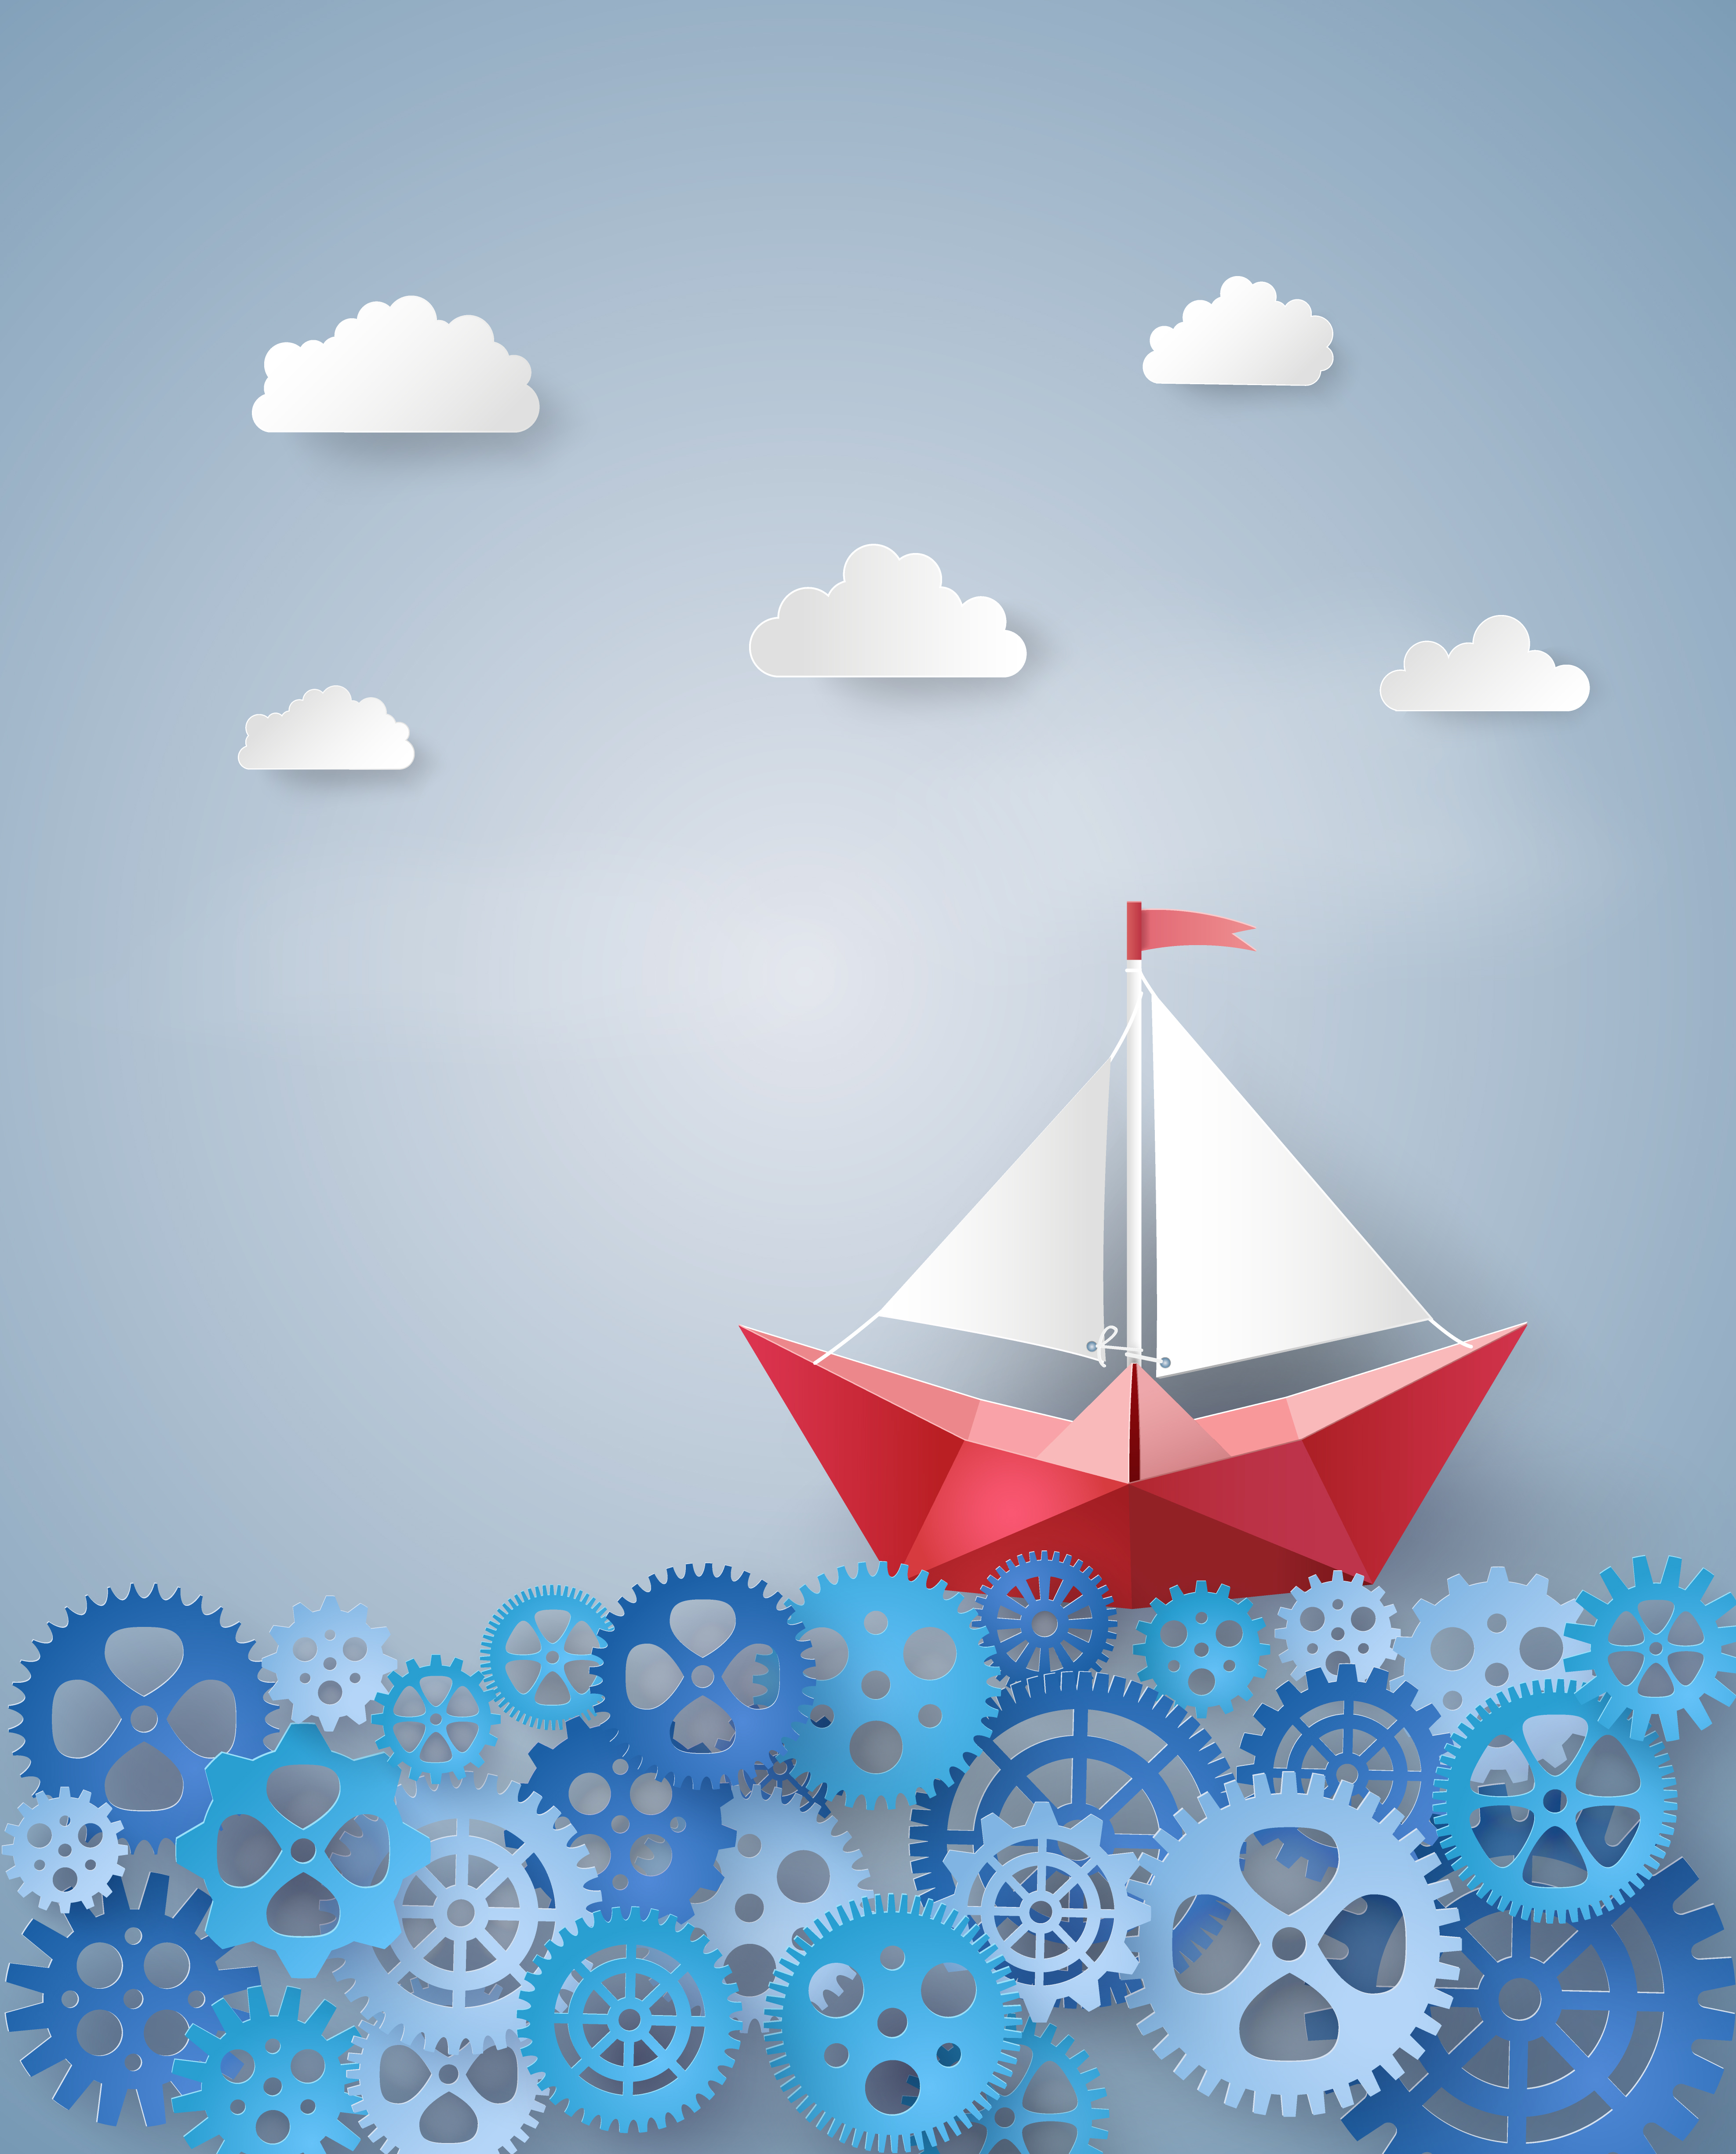 Concept De Leadership Avec Voilier En Papier Telecharger Vectoriel Gratuit Clipart Graphique Vecteur Dessins Et Pictogramme Gratuit